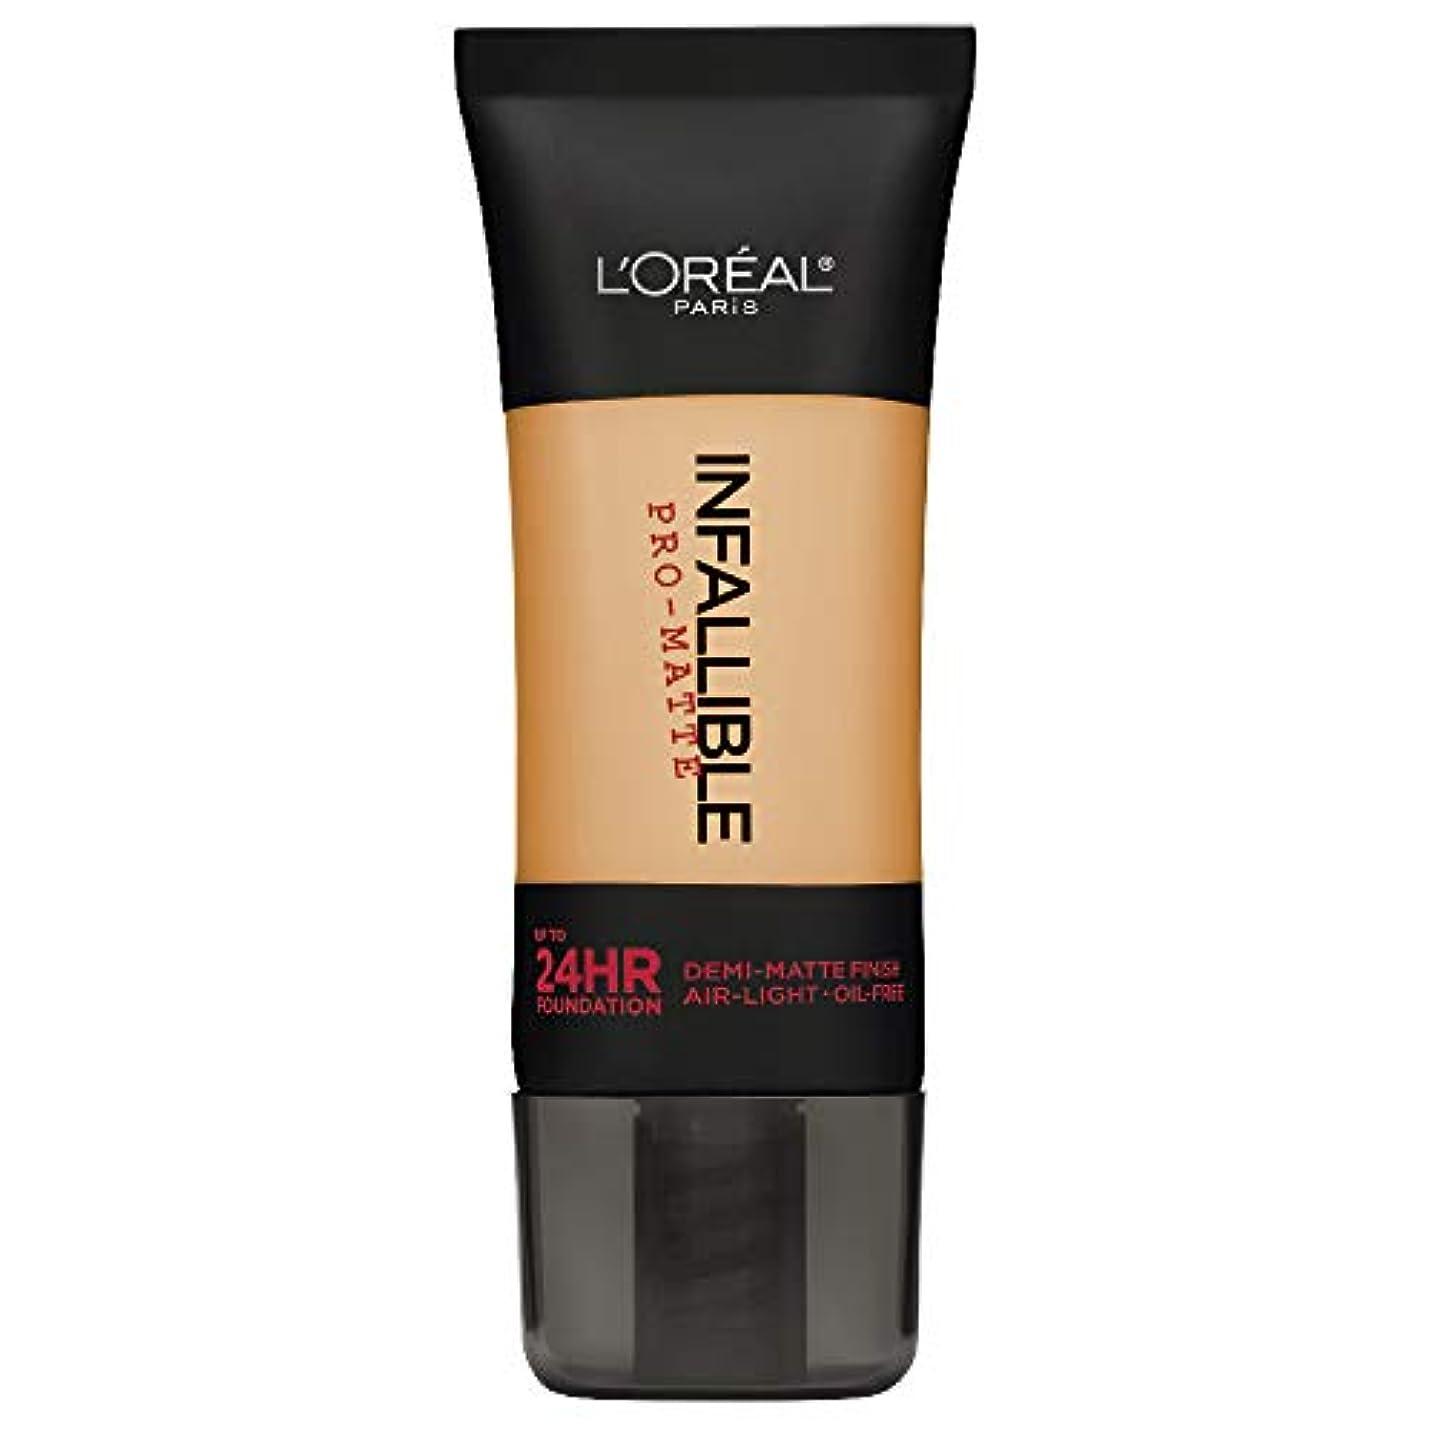 目の前の無知ラフ睡眠L'Oreal Paris Infallible Pro-Matte Foundation Makeup, 105 Natural Beige, 1 fl. oz[並行輸入品]